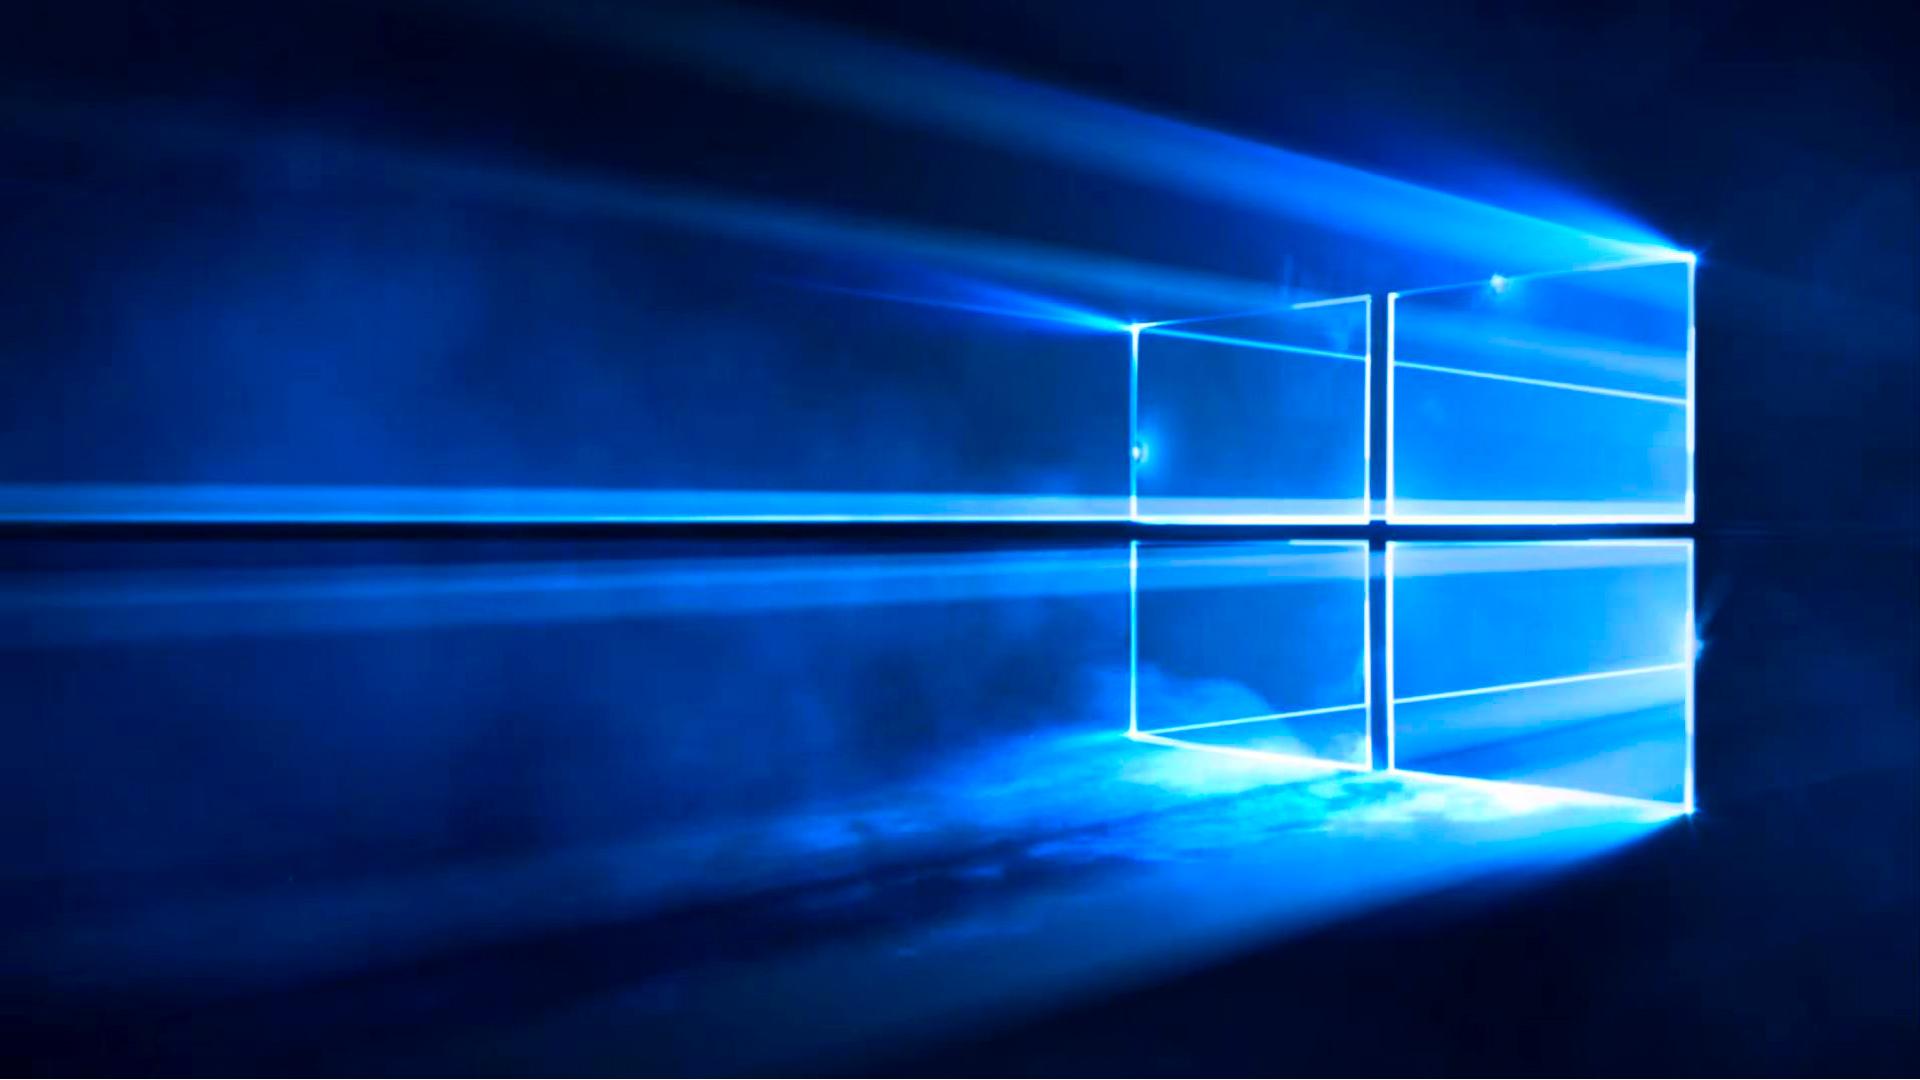 windows server 2019 iso